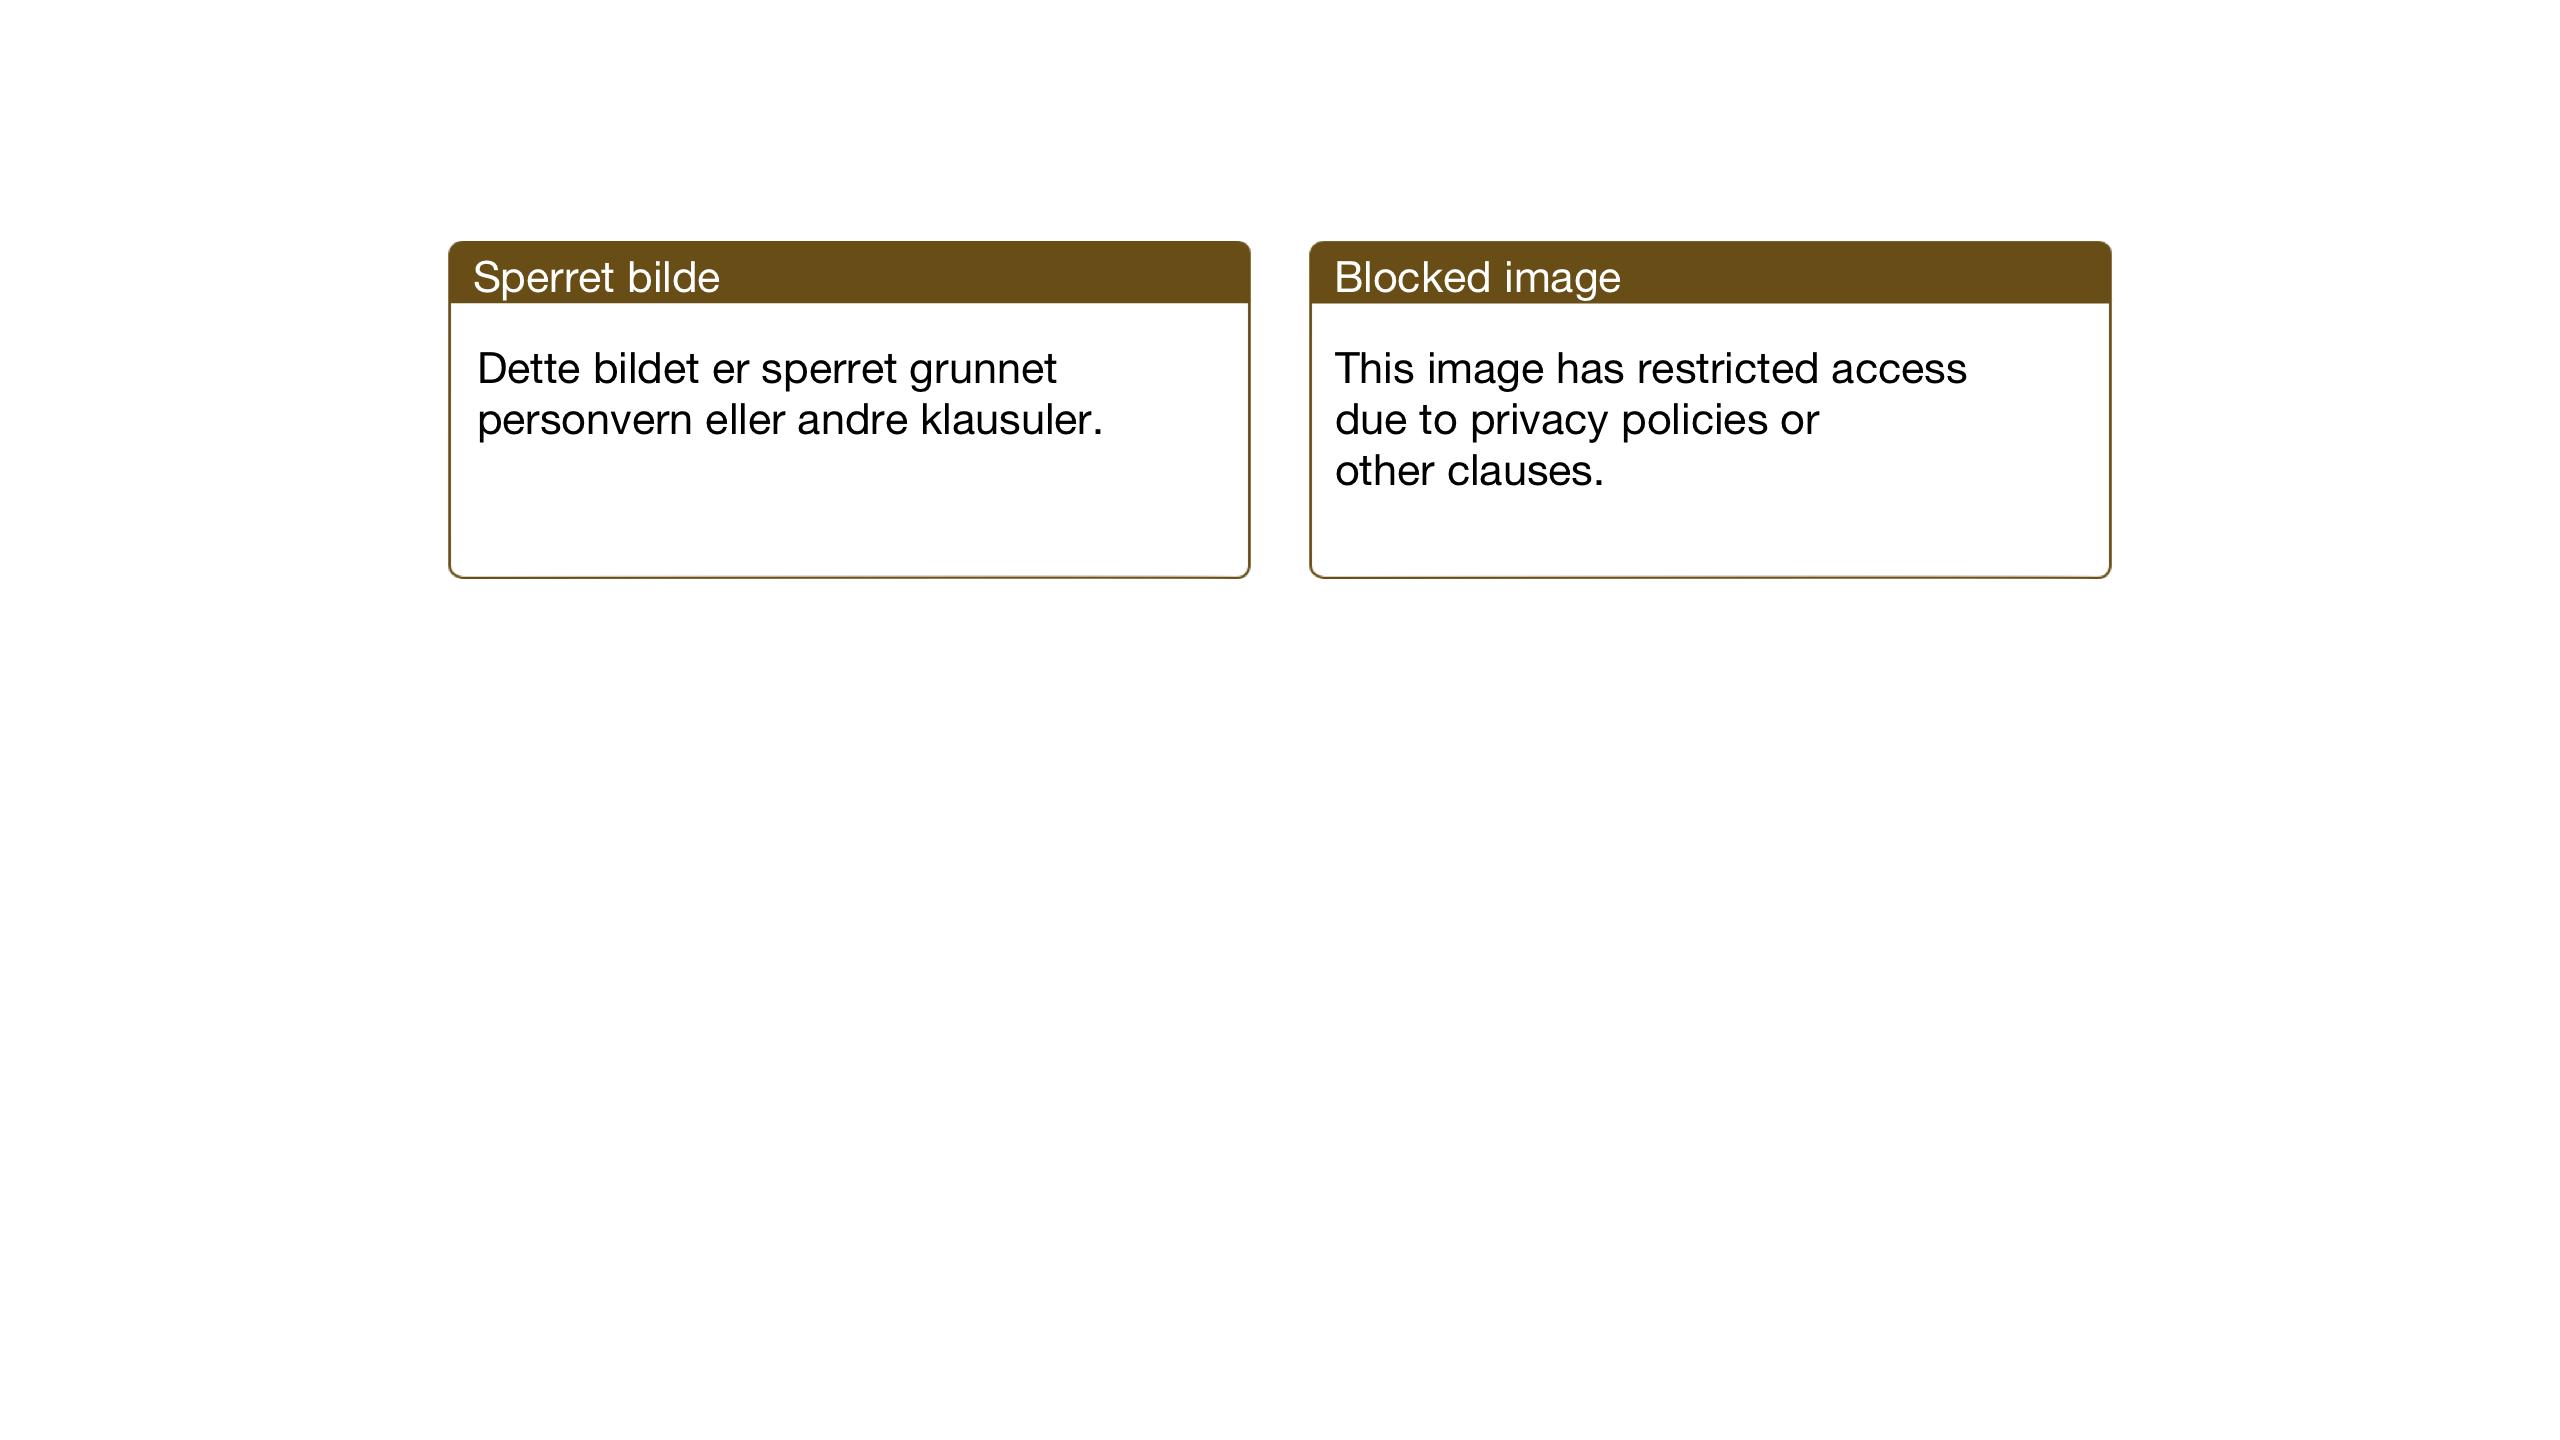 SAT, Ministerialprotokoller, klokkerbøker og fødselsregistre - Sør-Trøndelag, 640/L0590: Klokkerbok nr. 640C07, 1935-1948, s. 17